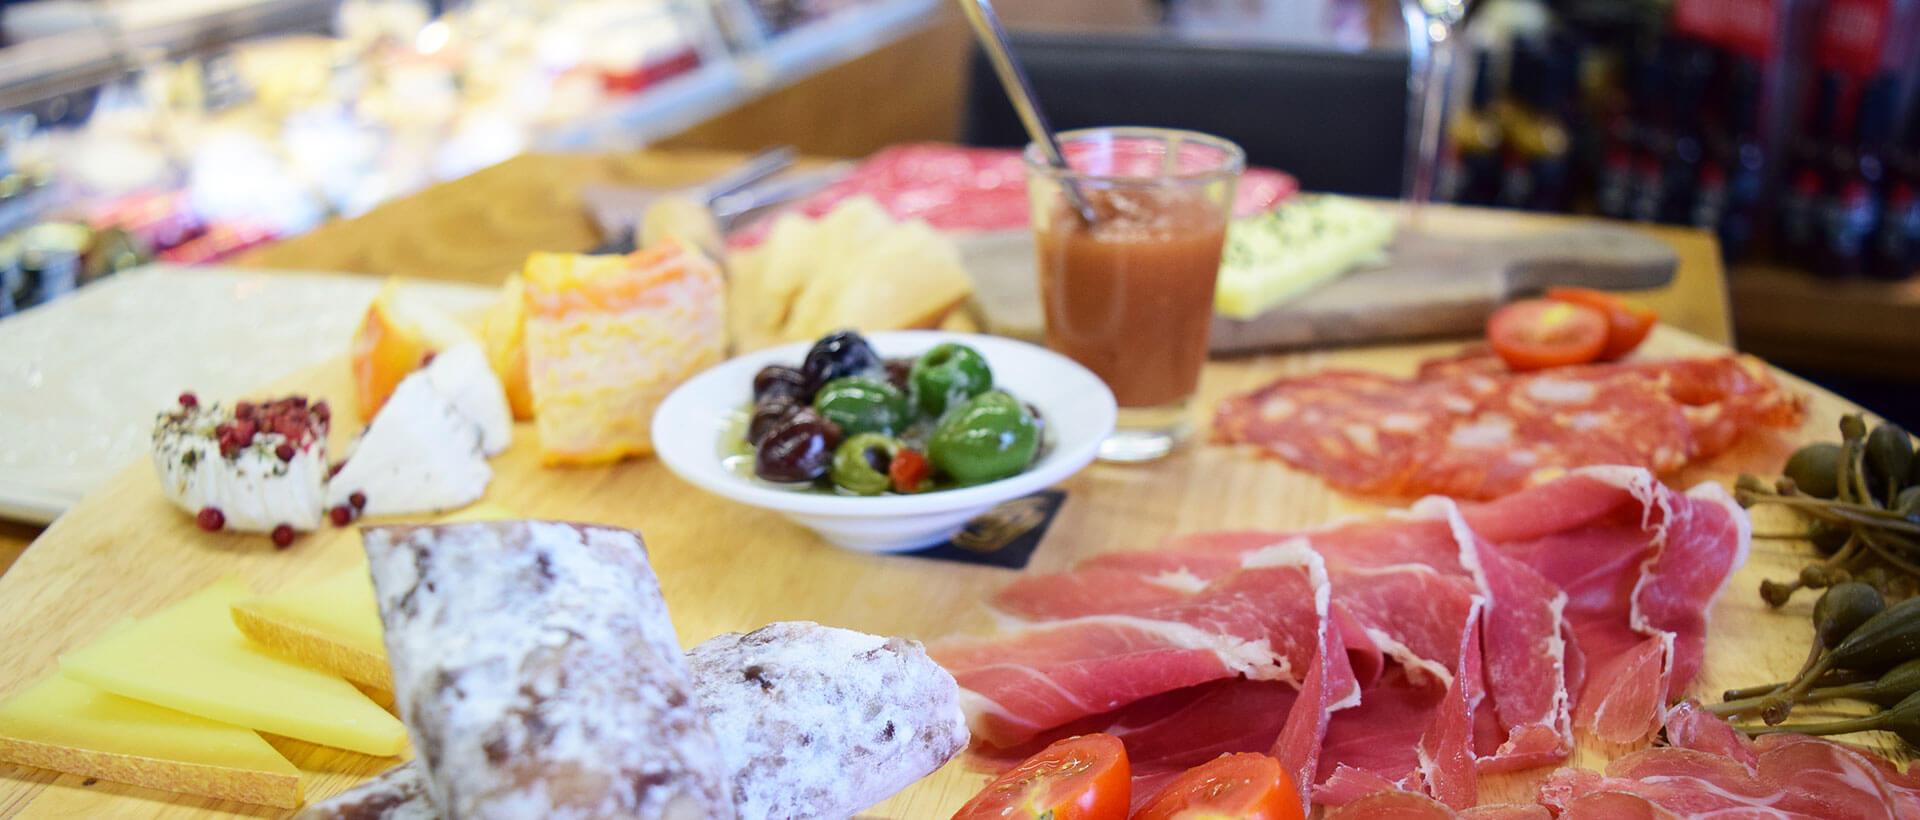 VITA essentials der kulinarische Treffpunkt in Marburg